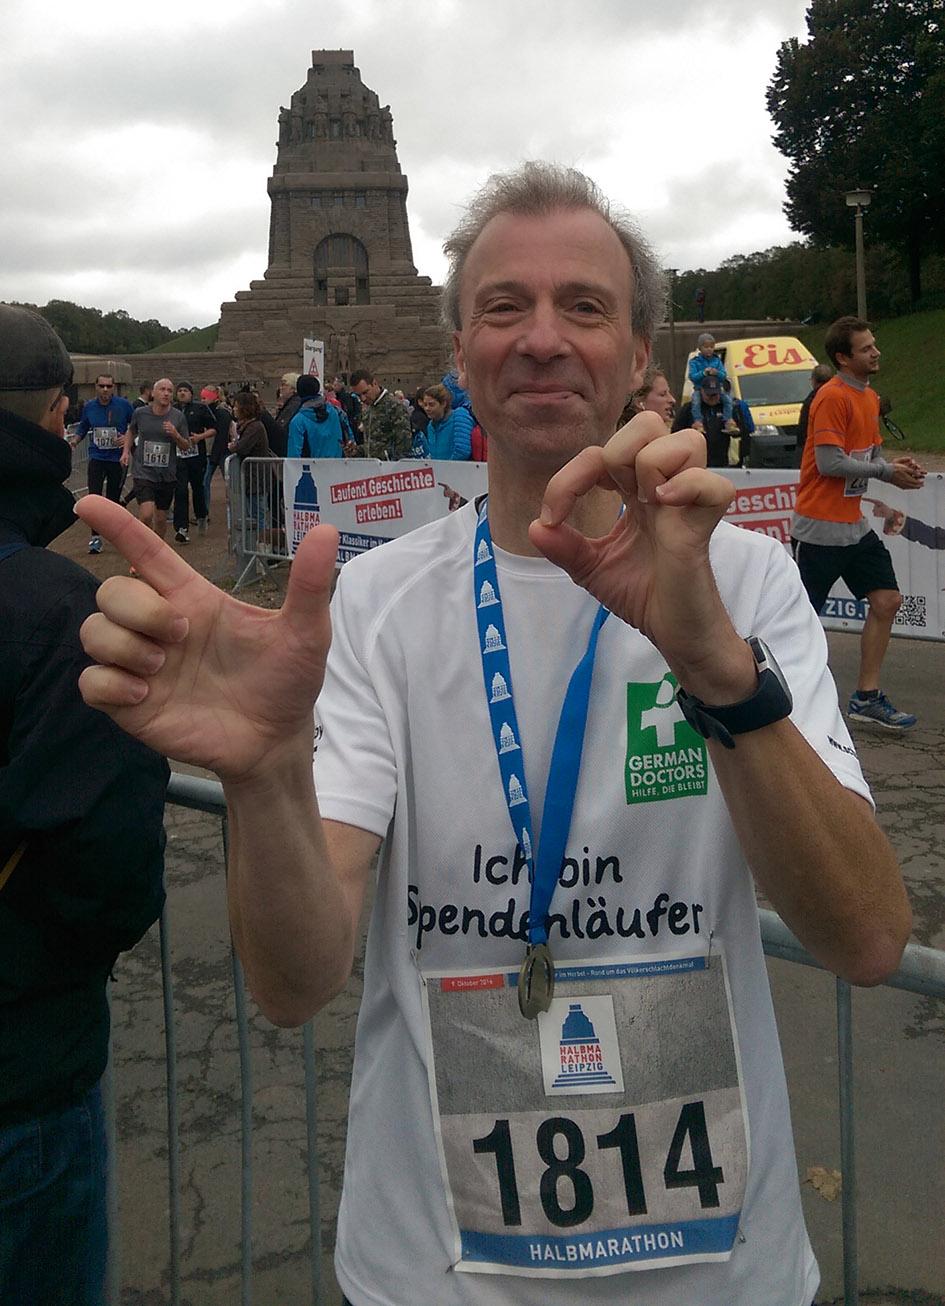 geschafft: road to 20, teil 3. völkerschlacht-halbmarathon leipzig mit drittbester persönlicher zeit